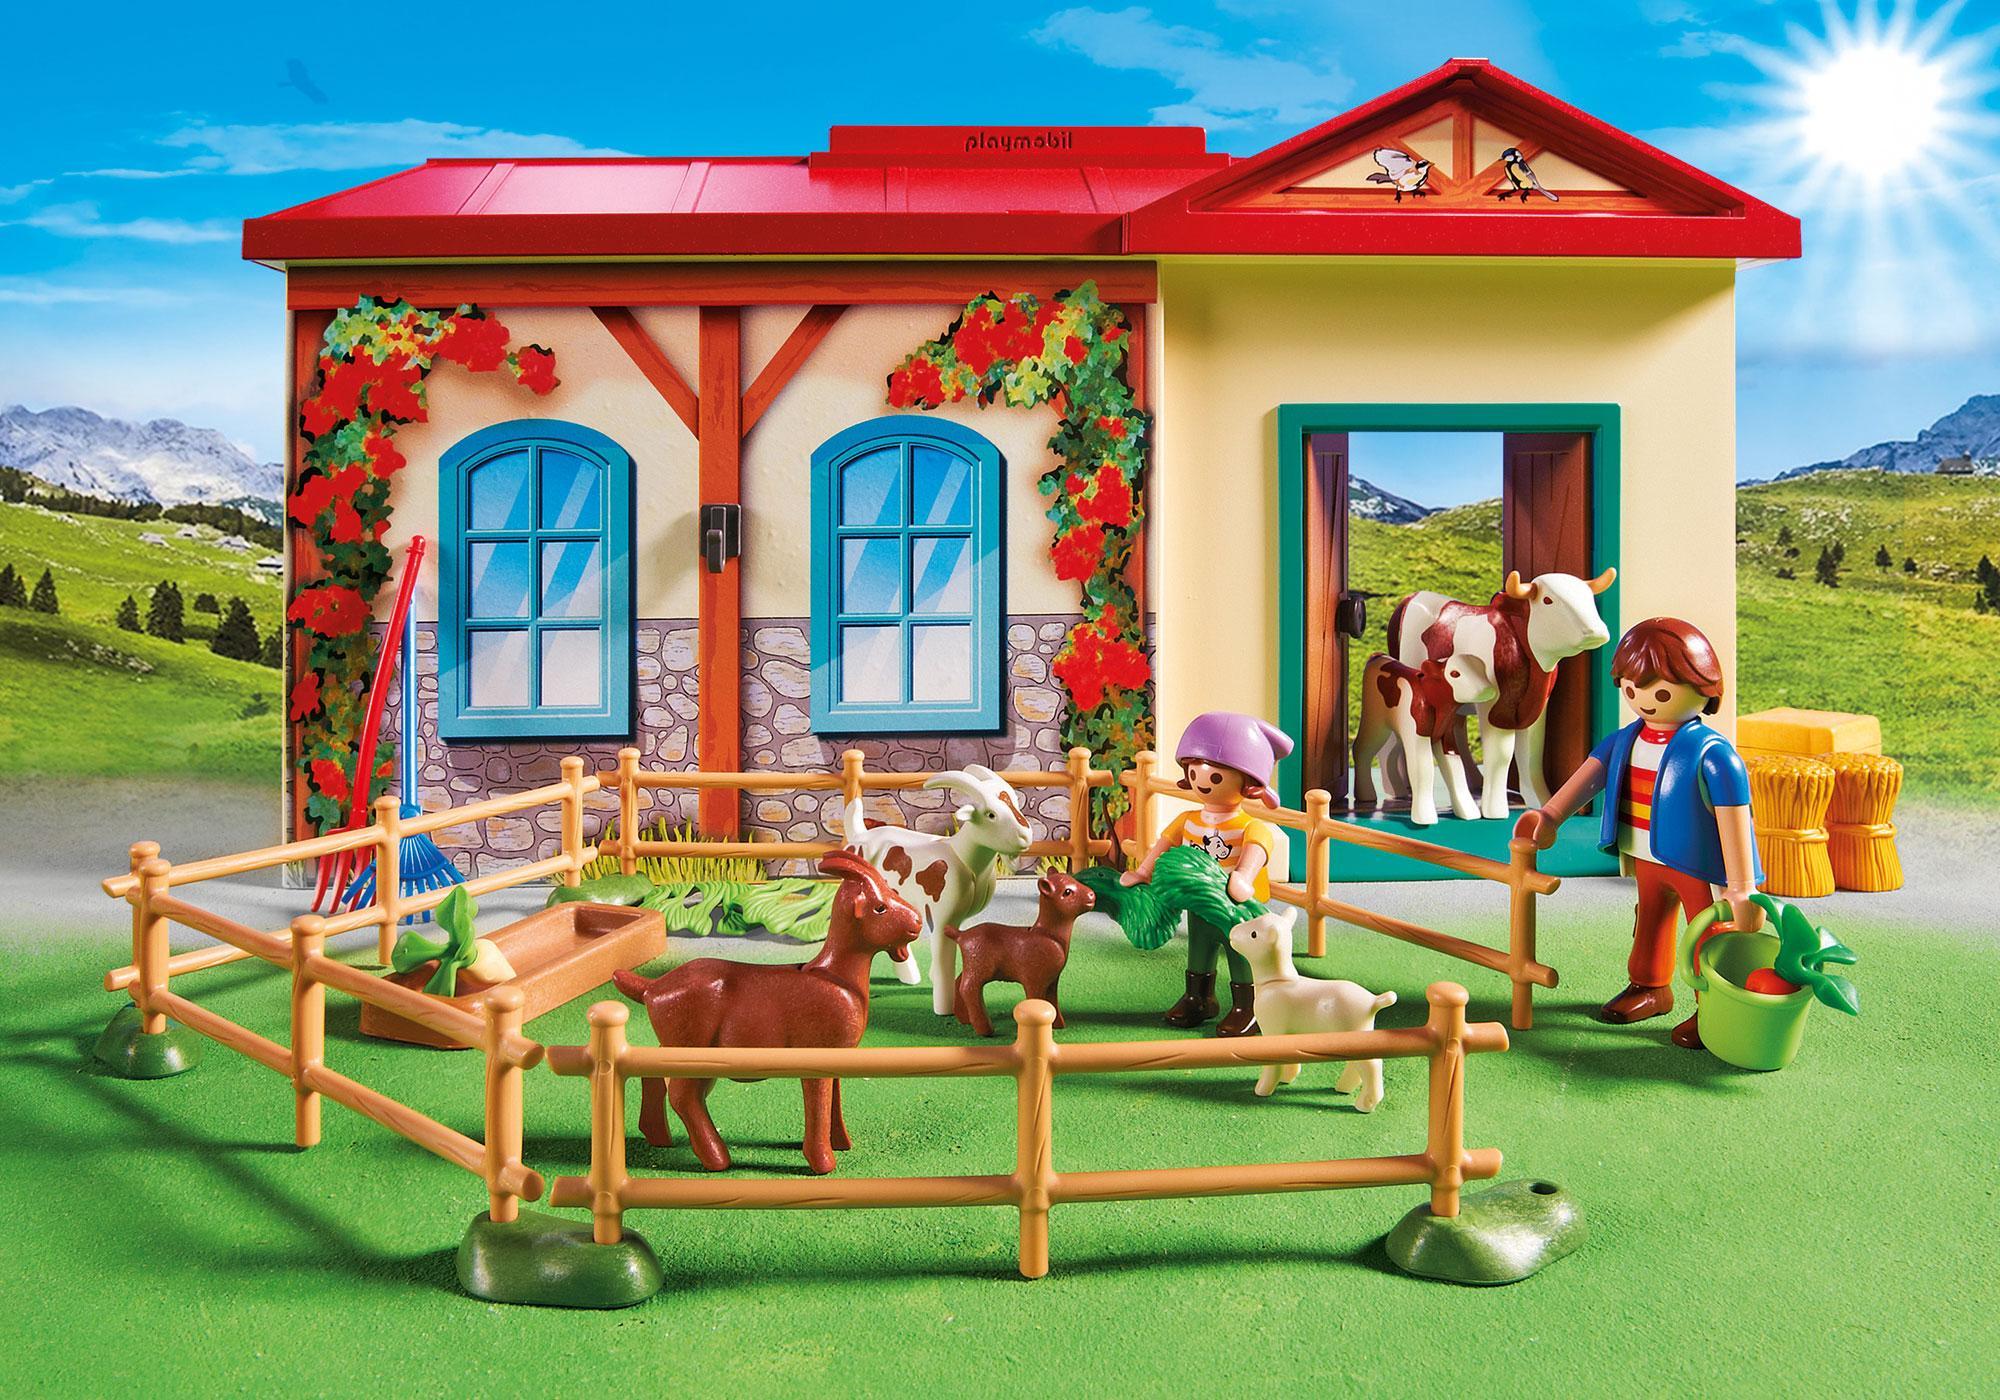 http://media.playmobil.com/i/playmobil/4897_product_extra2/Bondgård som du kan ta med dig